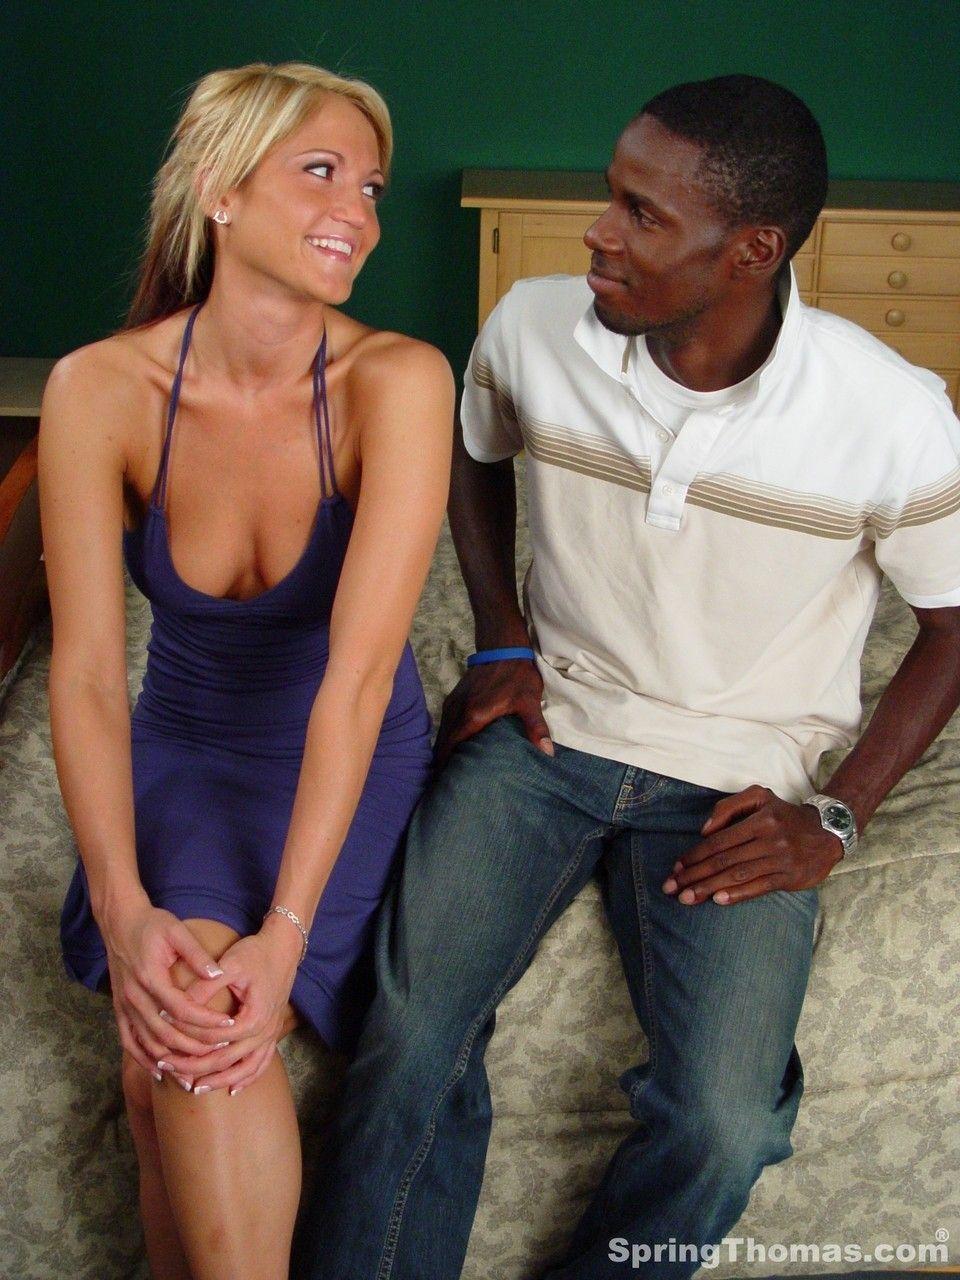 Safada de saia mostrando a buceta e transando com um negro